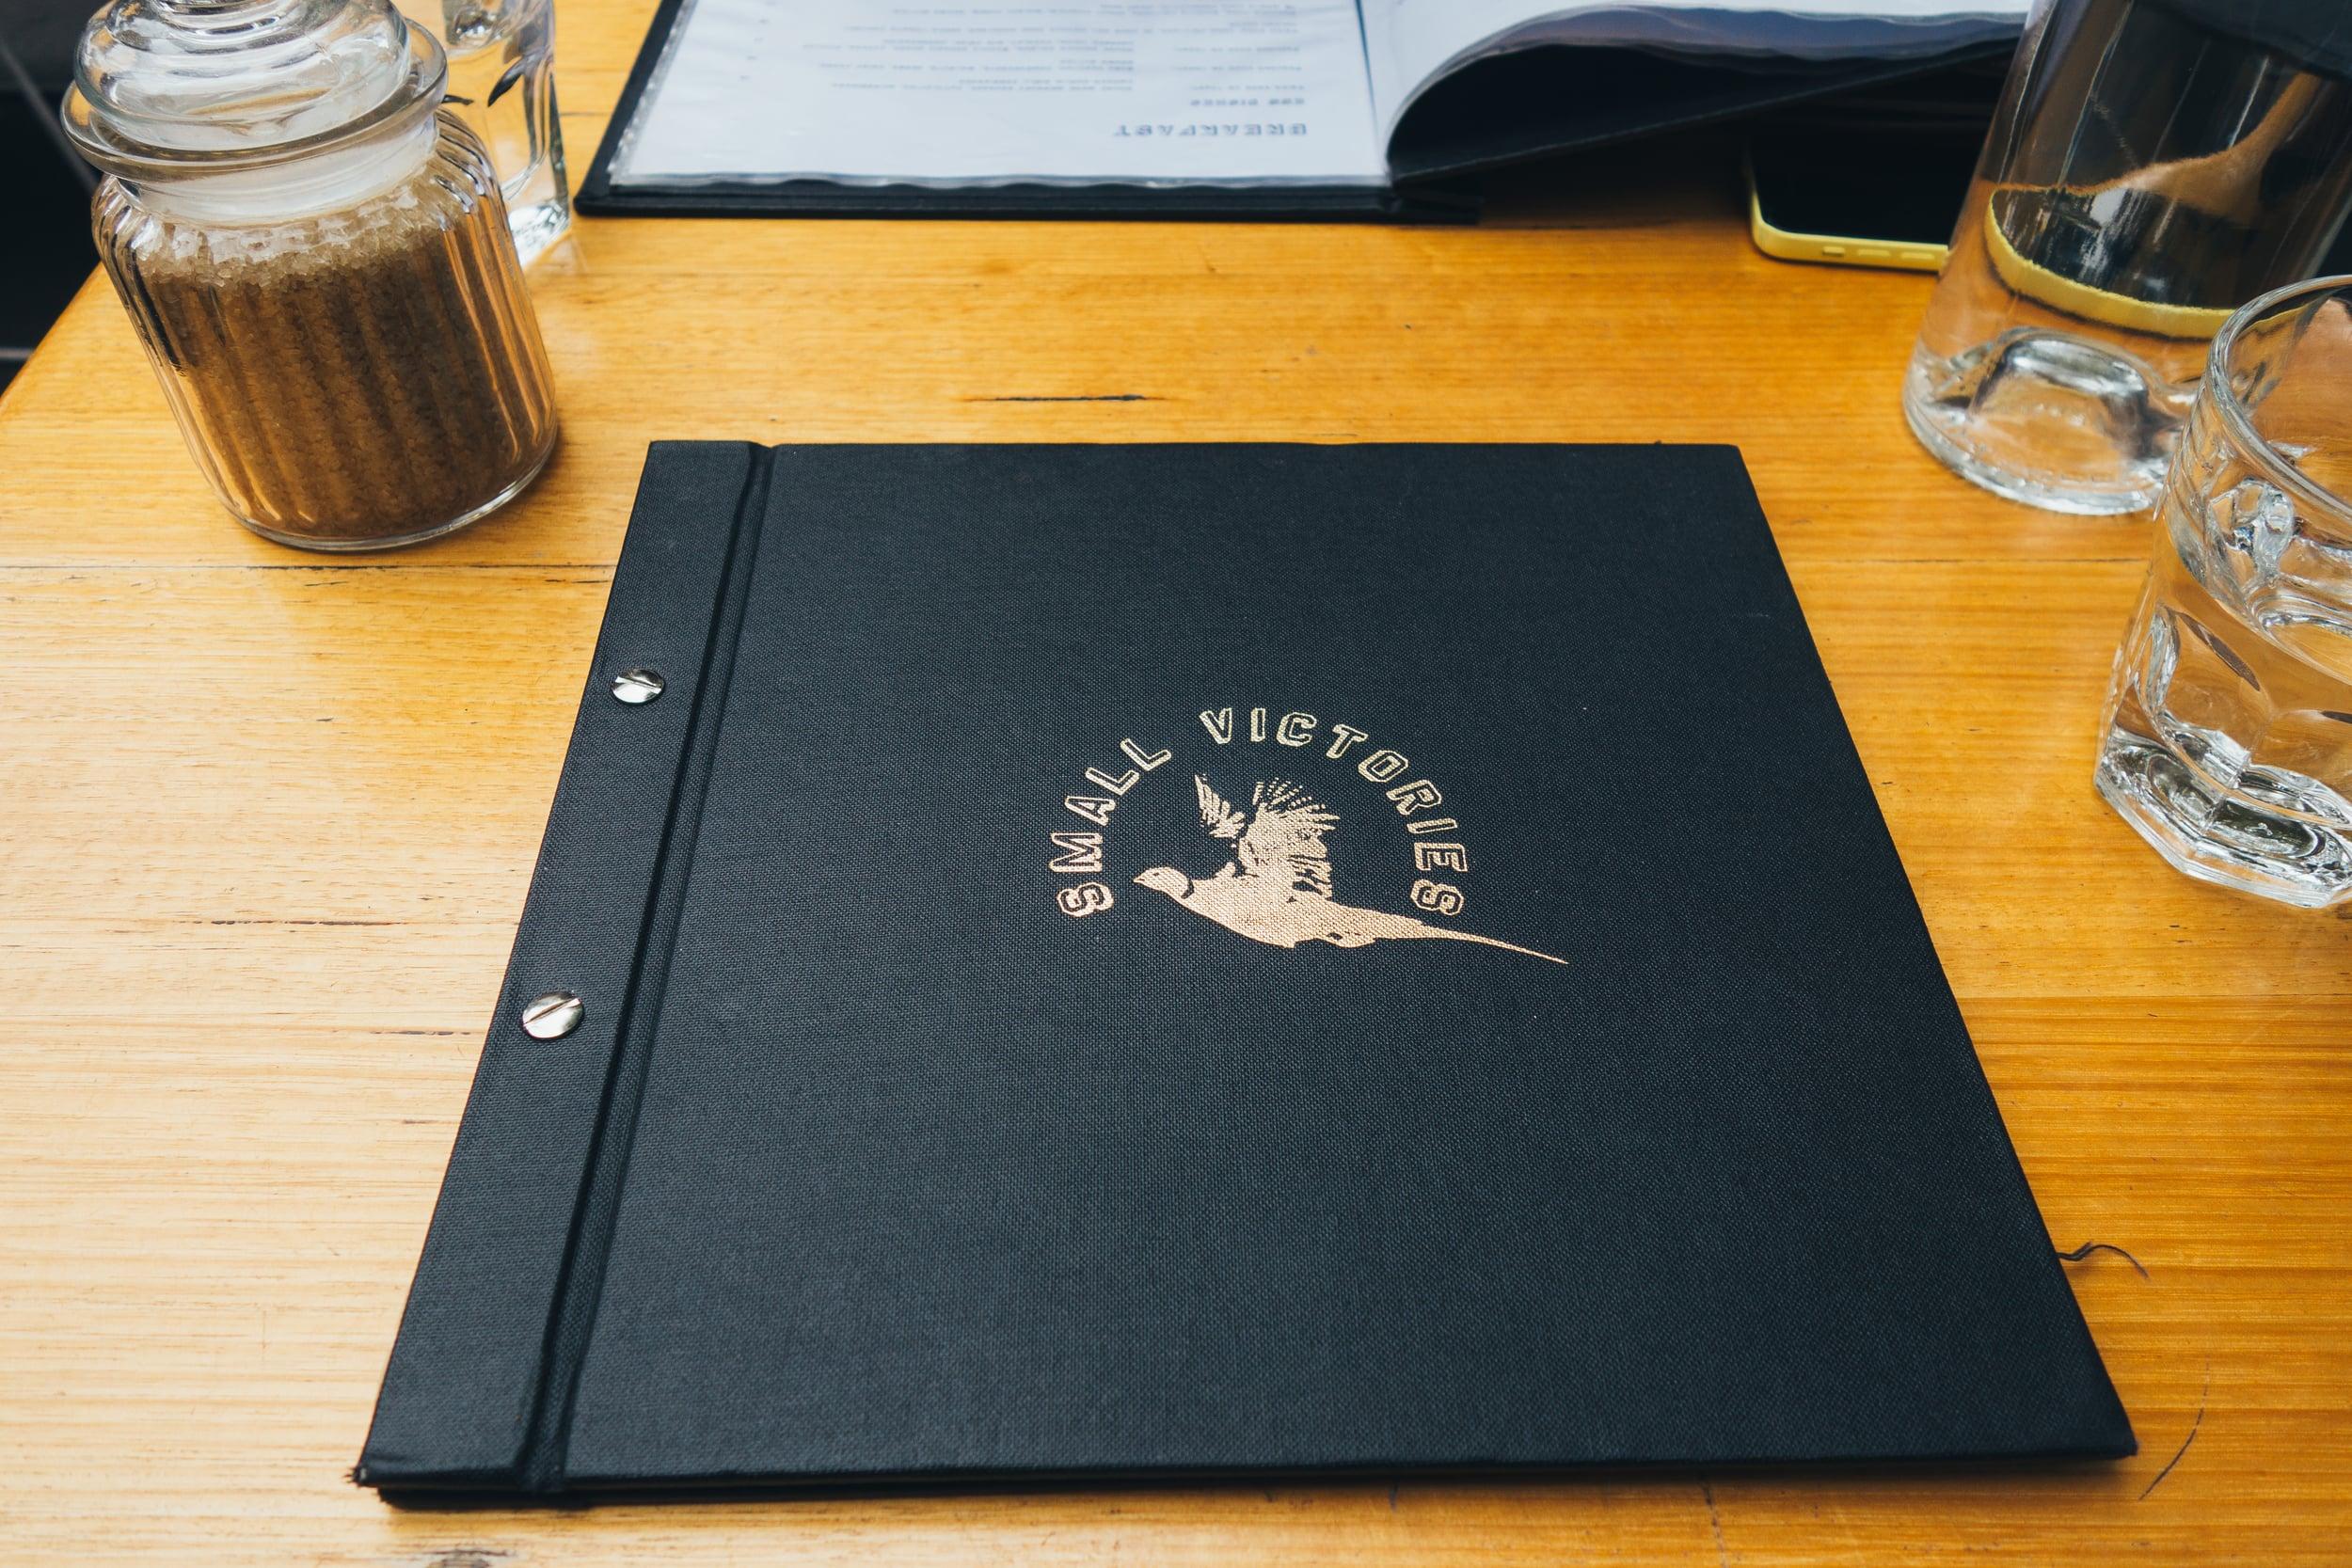 small victories voyage collective menu